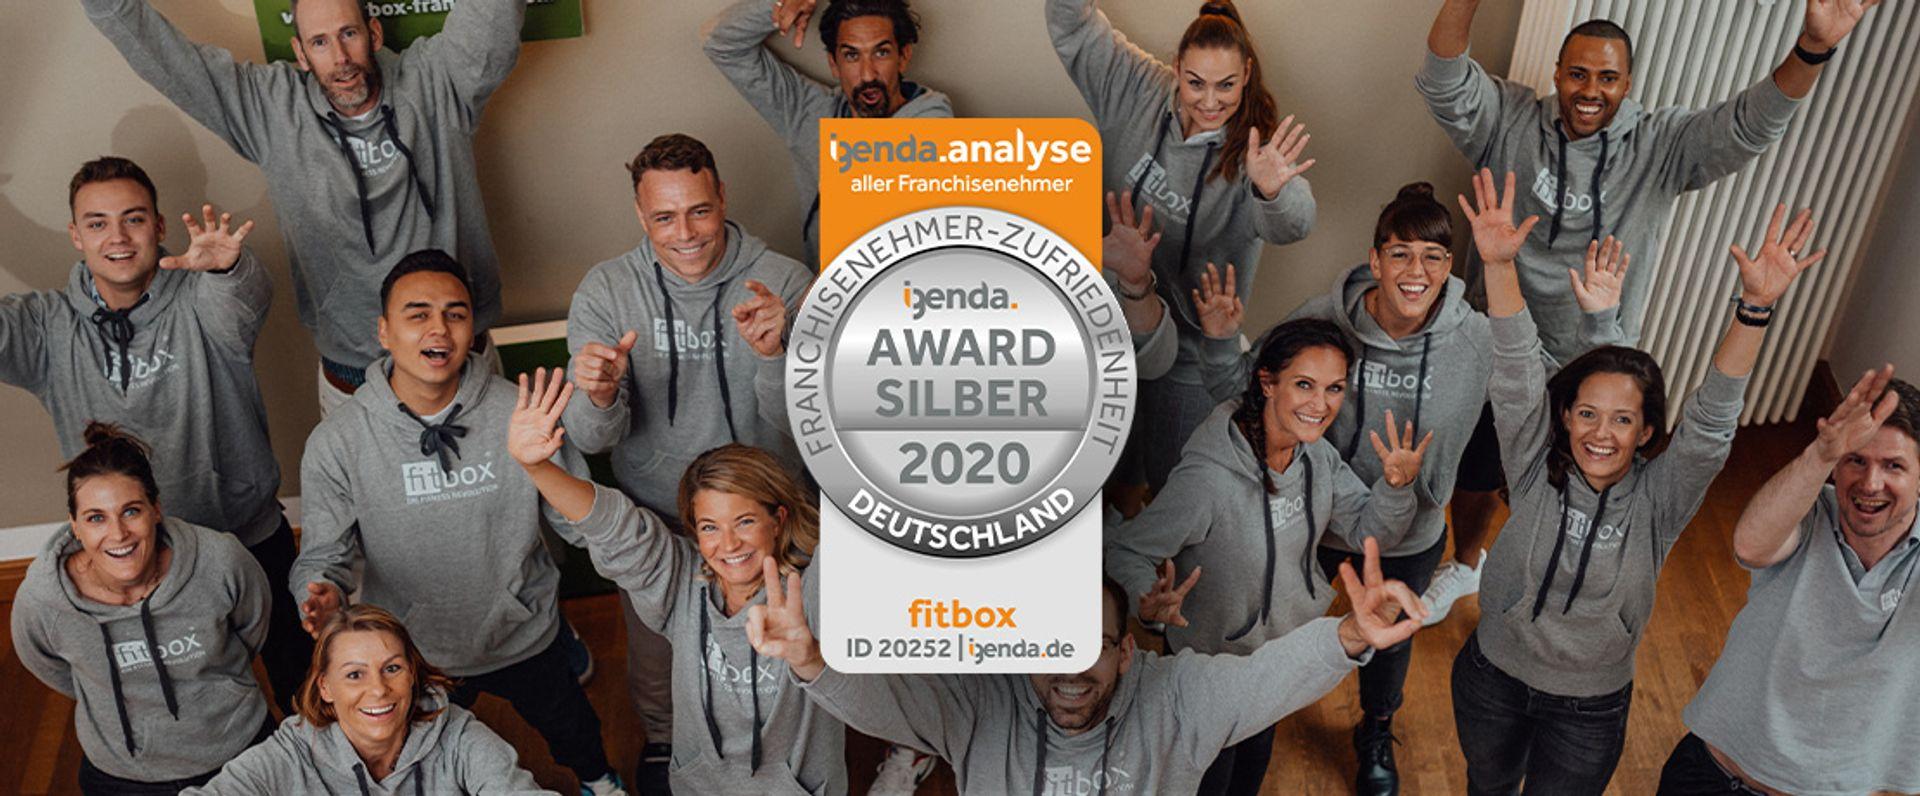 fitbox glänzt mit besonders zufriedenen Franchisepartnern – Auszeichnung mit igenda-Award 2020 in Silber